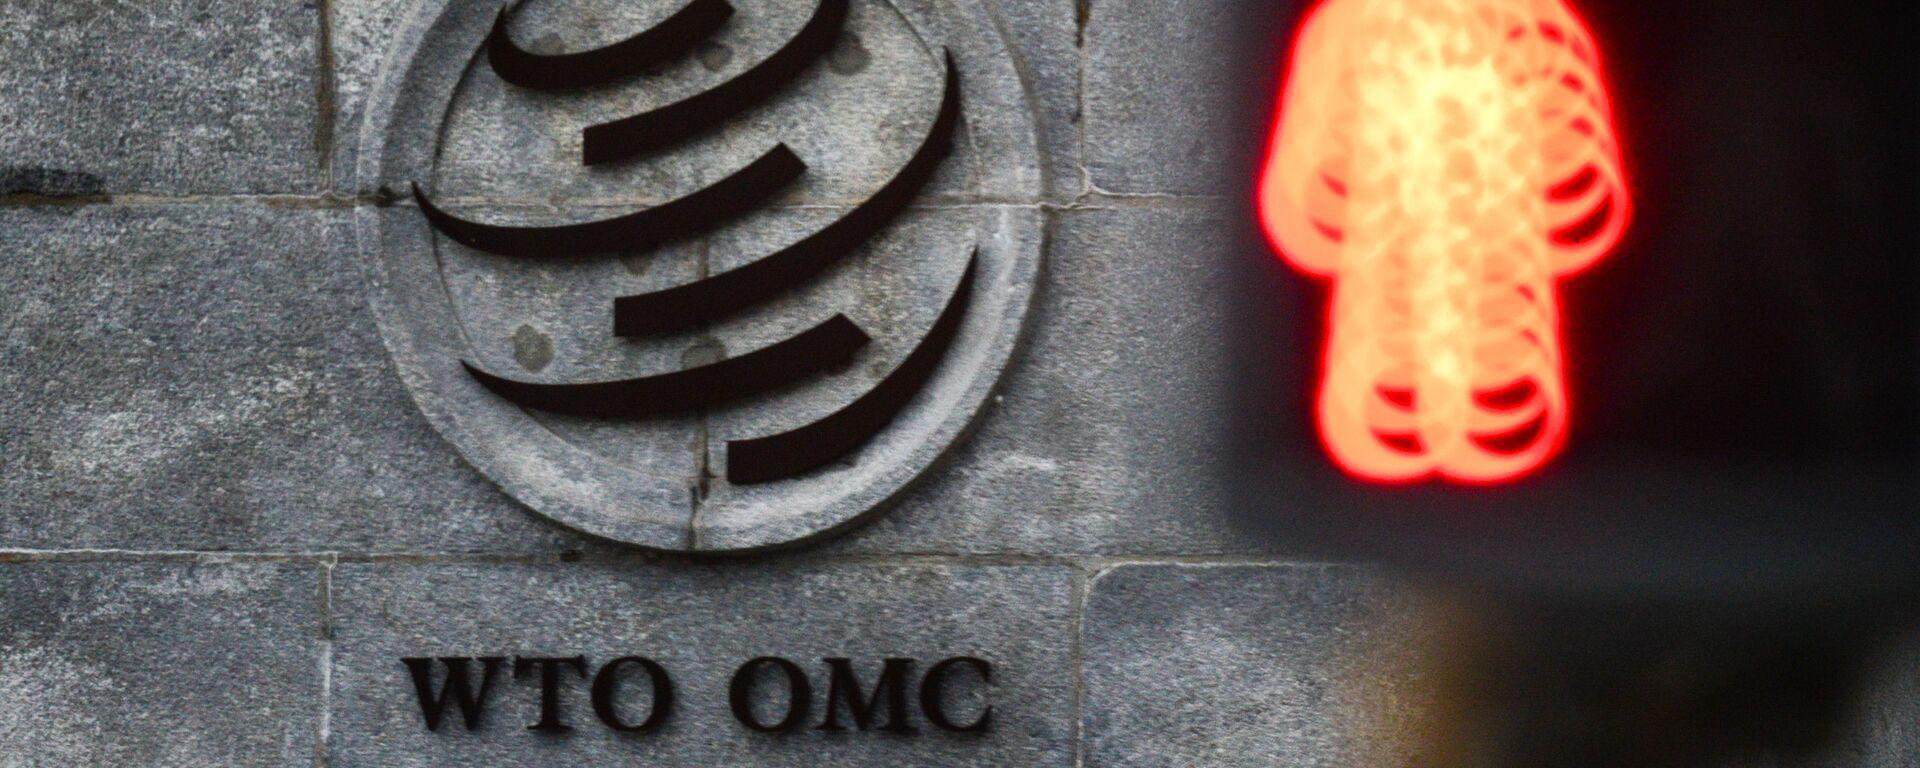 El logo de la OMC sobre su sede en Ginebra - Sputnik Mundo, 1920, 06.05.2021